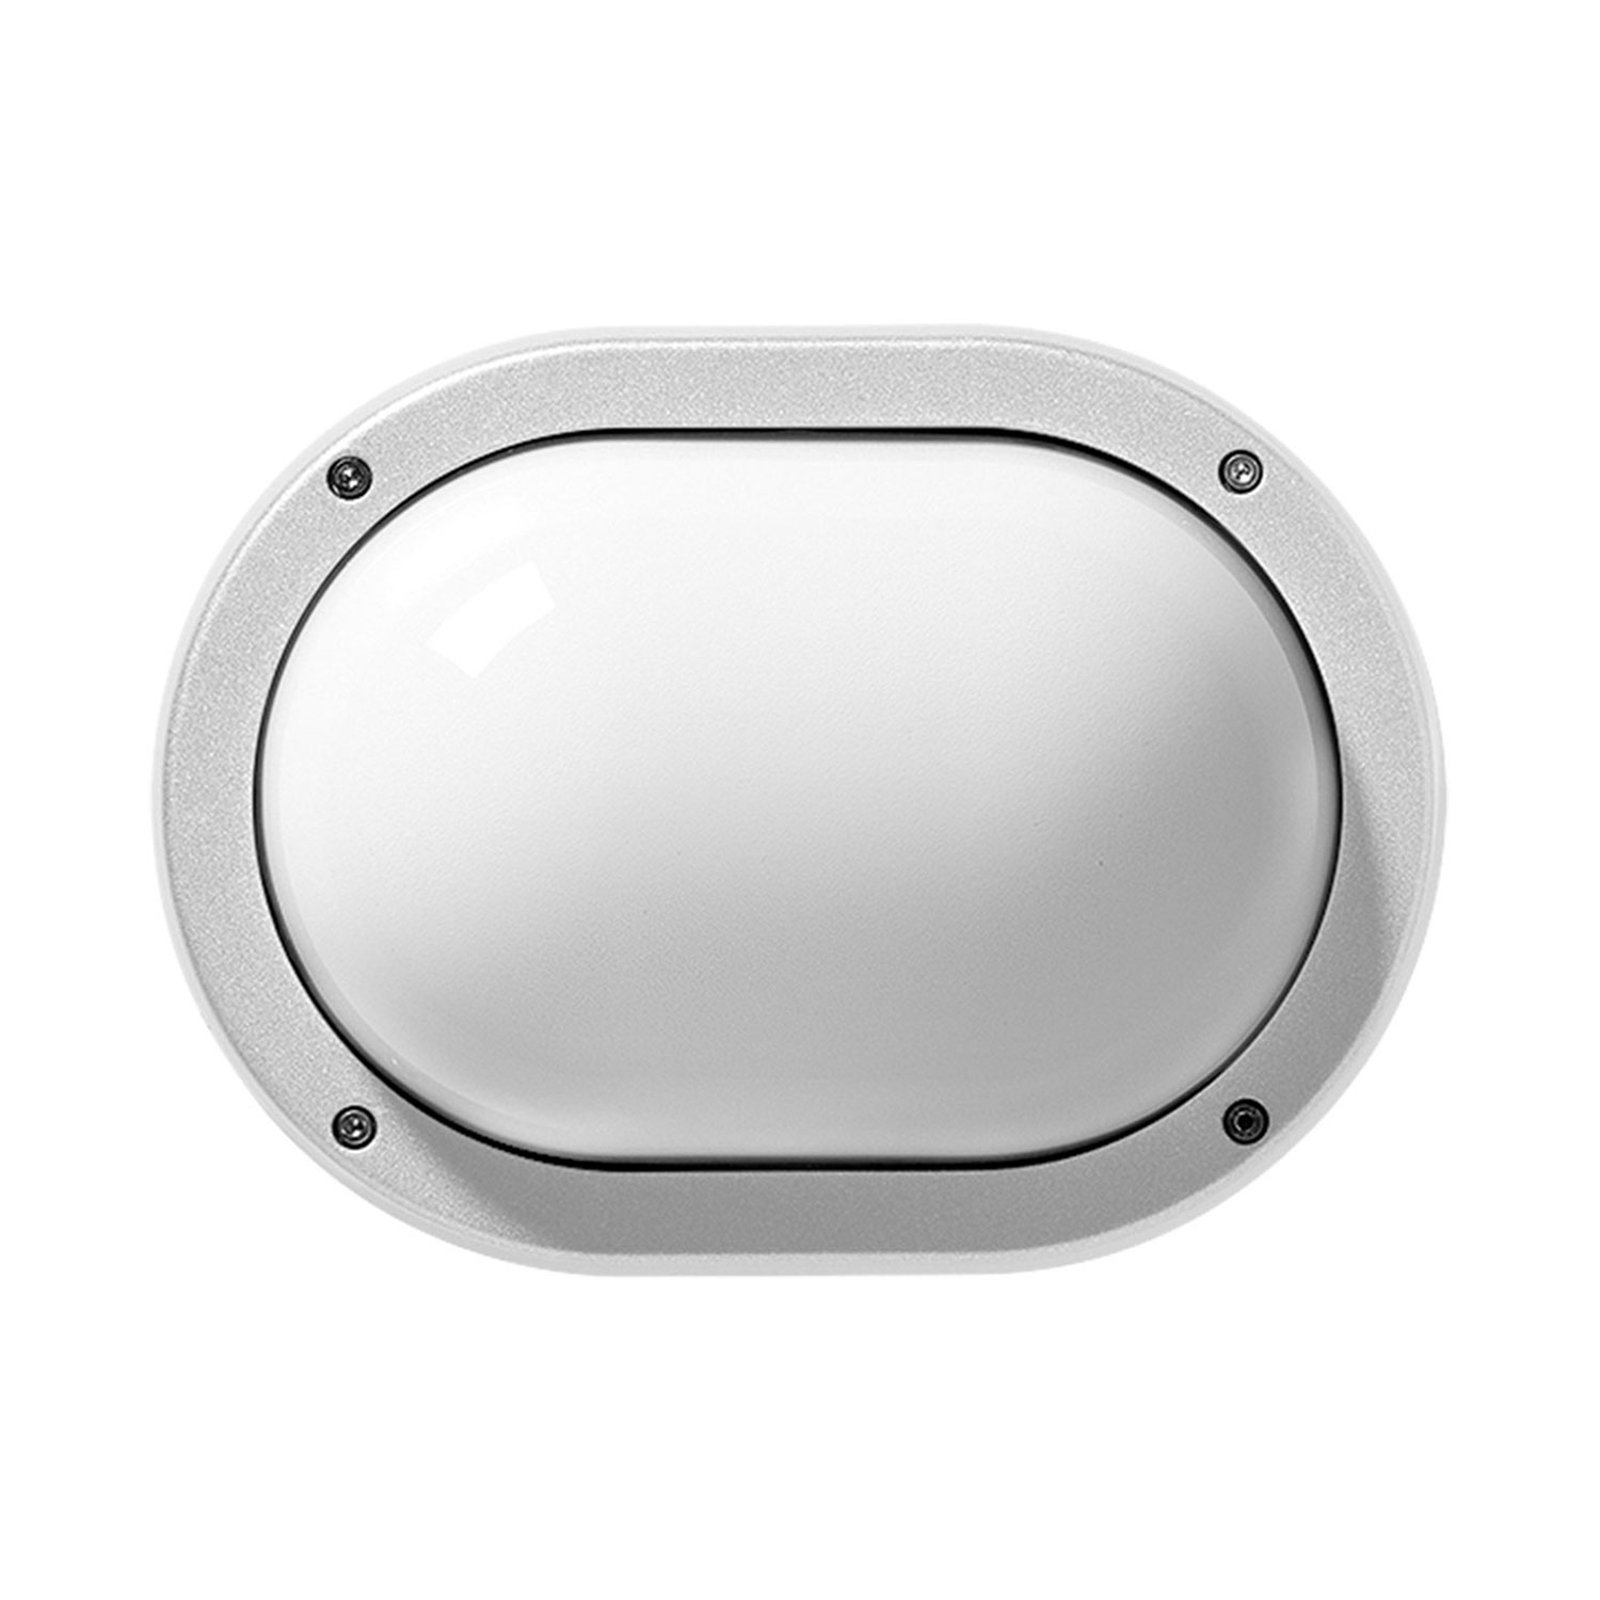 Utendørs LED-vegglampe Eko+19 LED 3 000 K, hvit